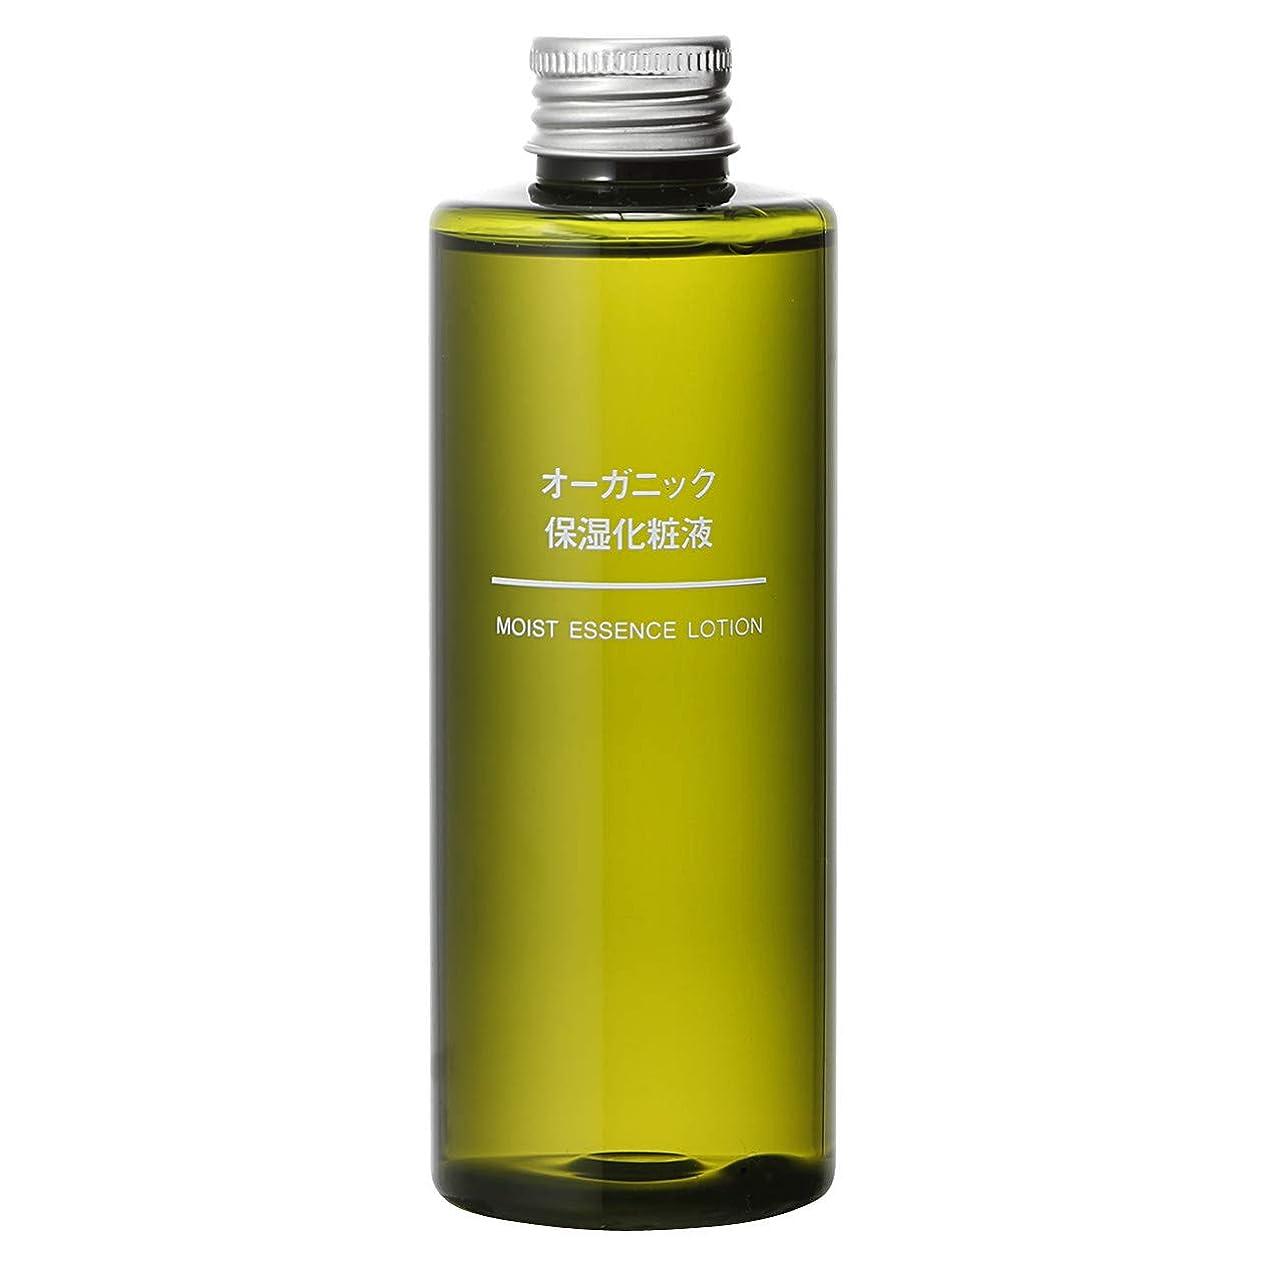 ブローシーズン無印良品 オーガニック保湿化粧液 200ml